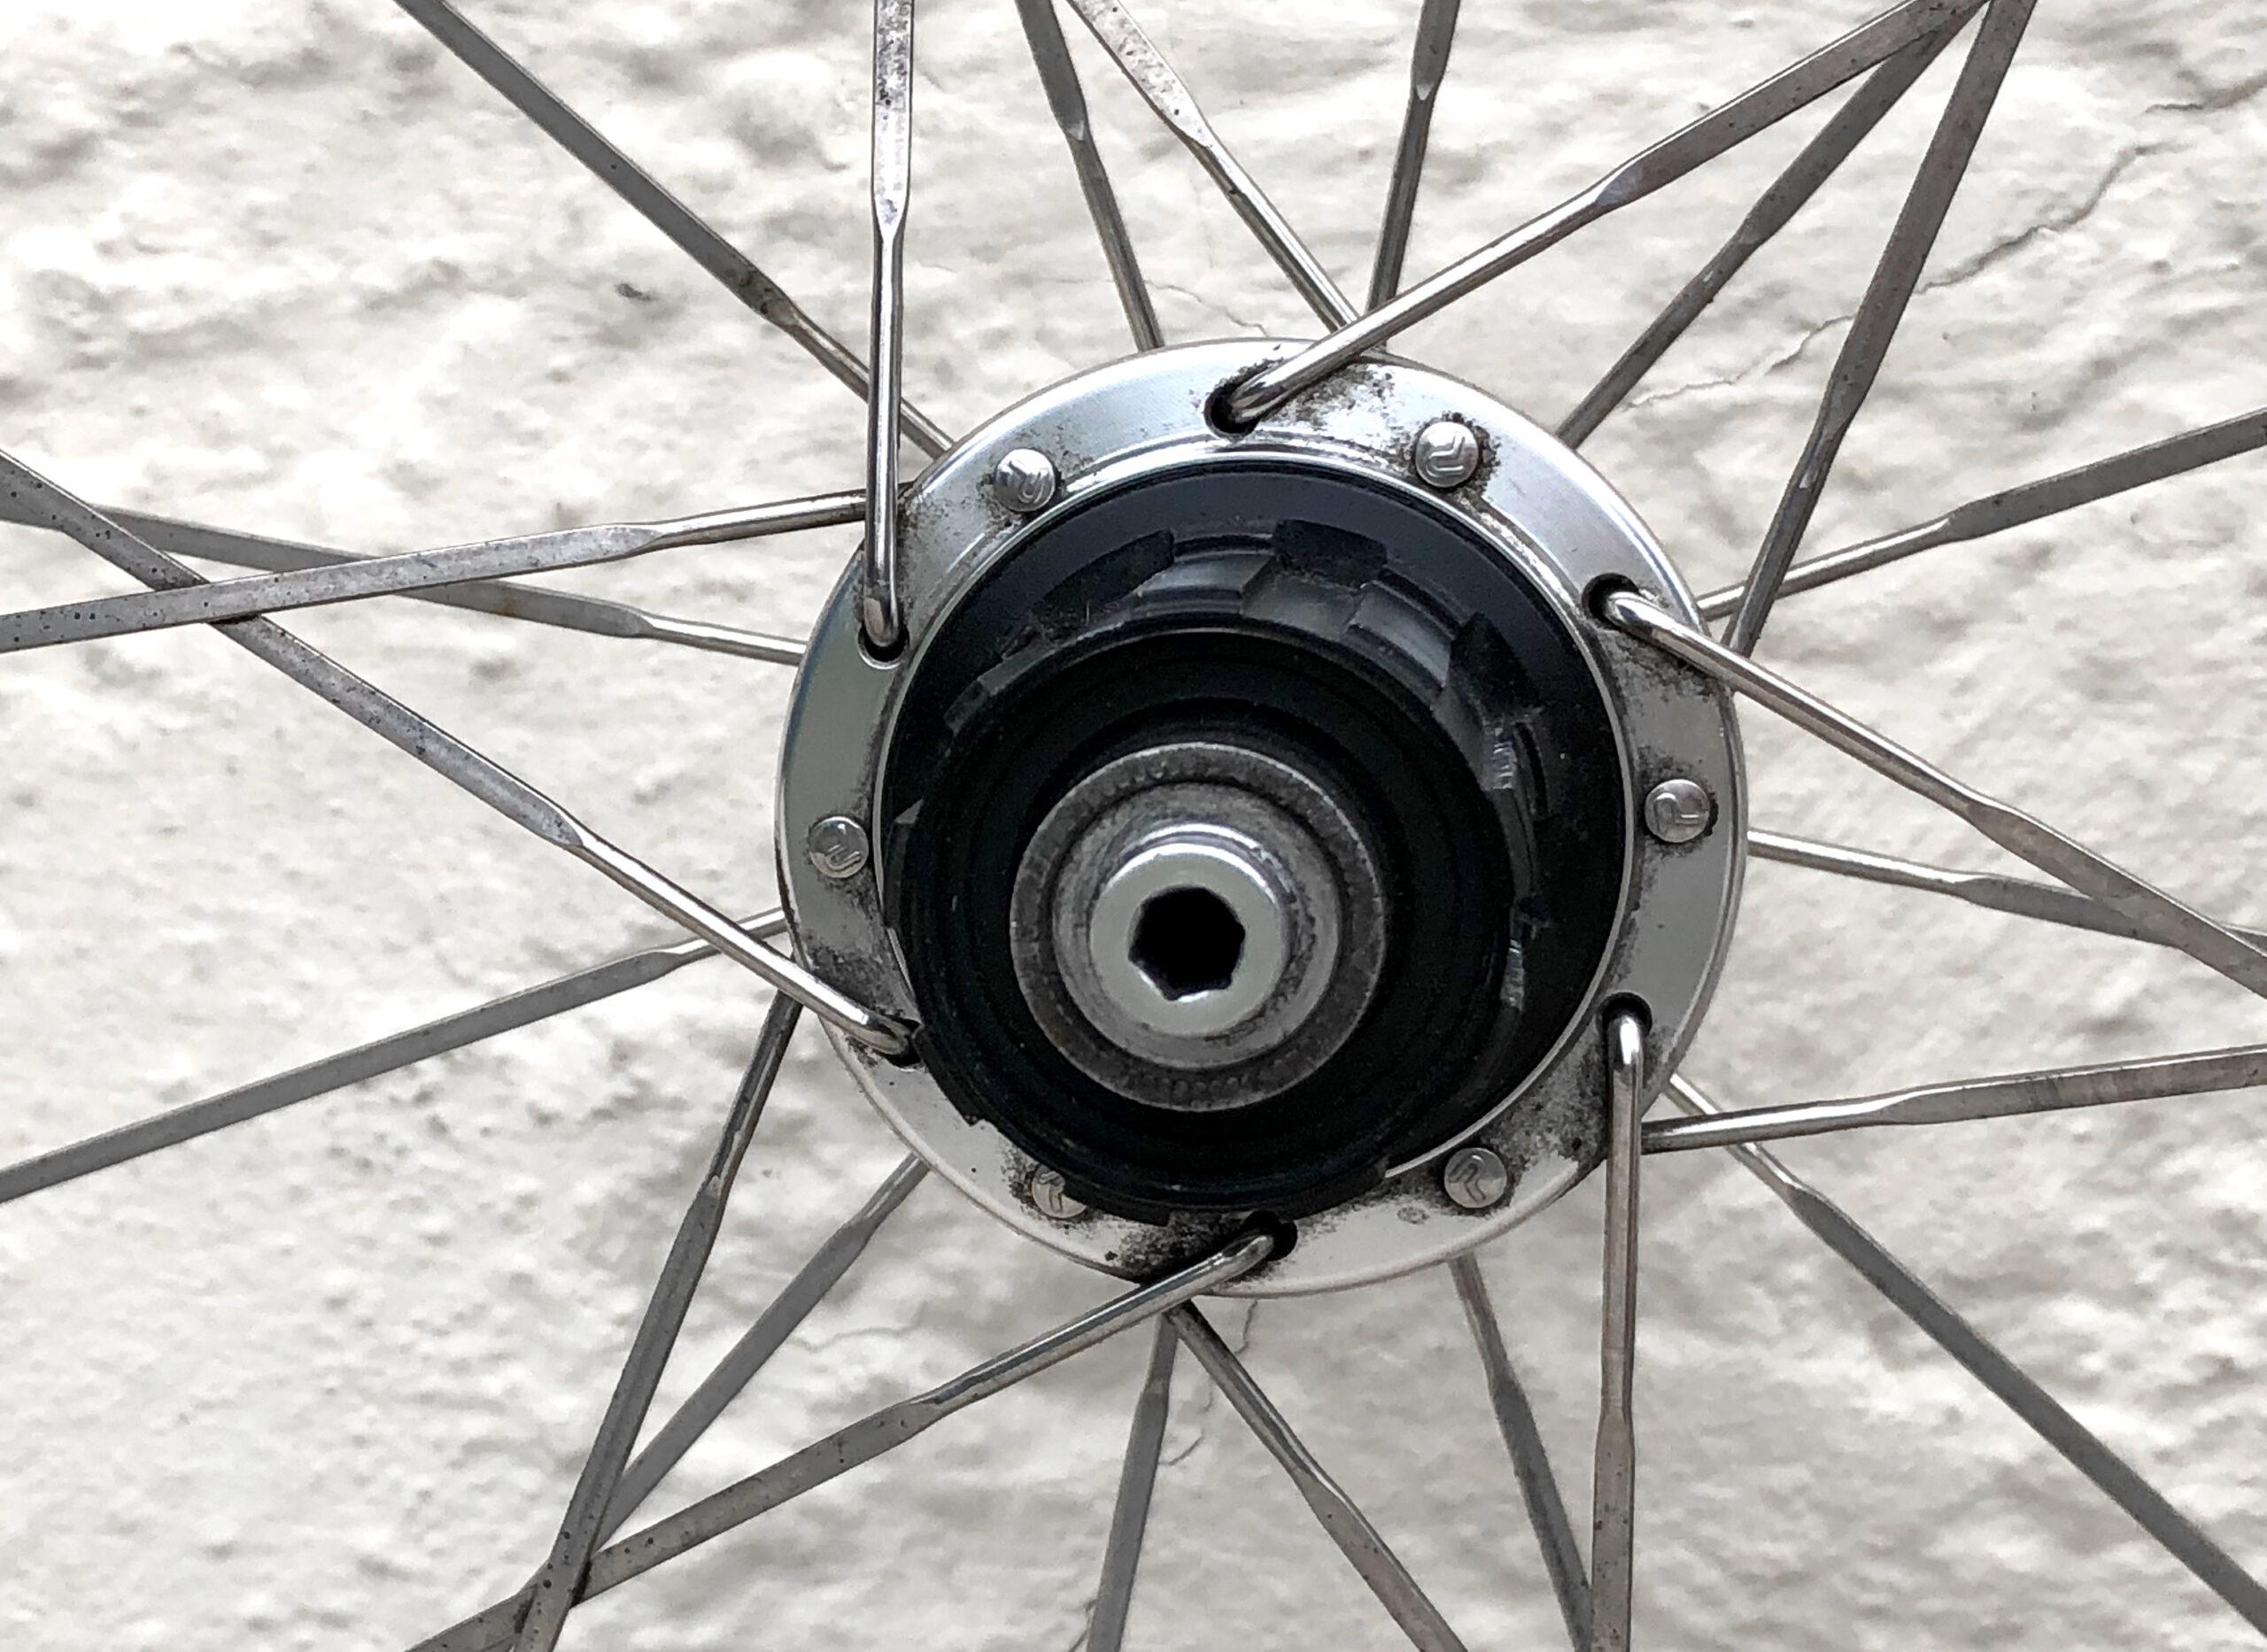 Reynolds Assault Limited Carbon Clincher Road Bike Wheelset Rim QR